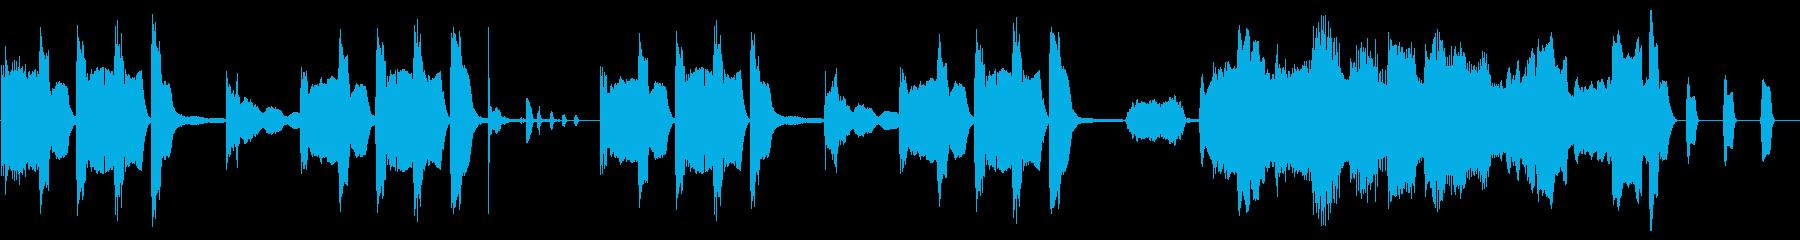 【ループ】ミスや失敗時の残念なコミカル曲の再生済みの波形